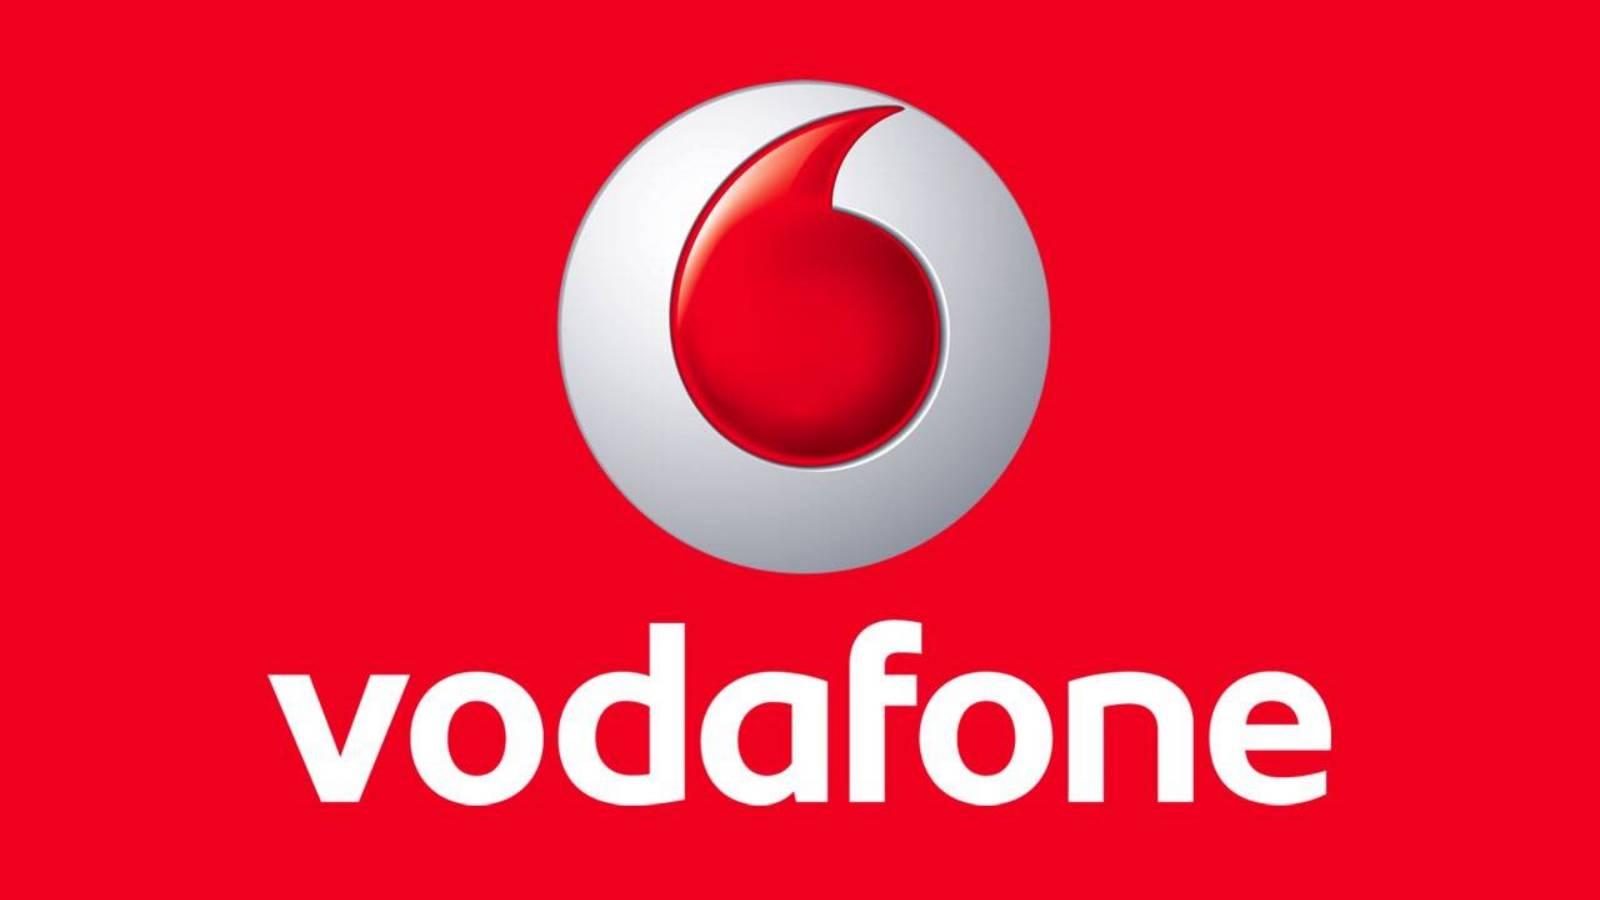 Vodafone dublare